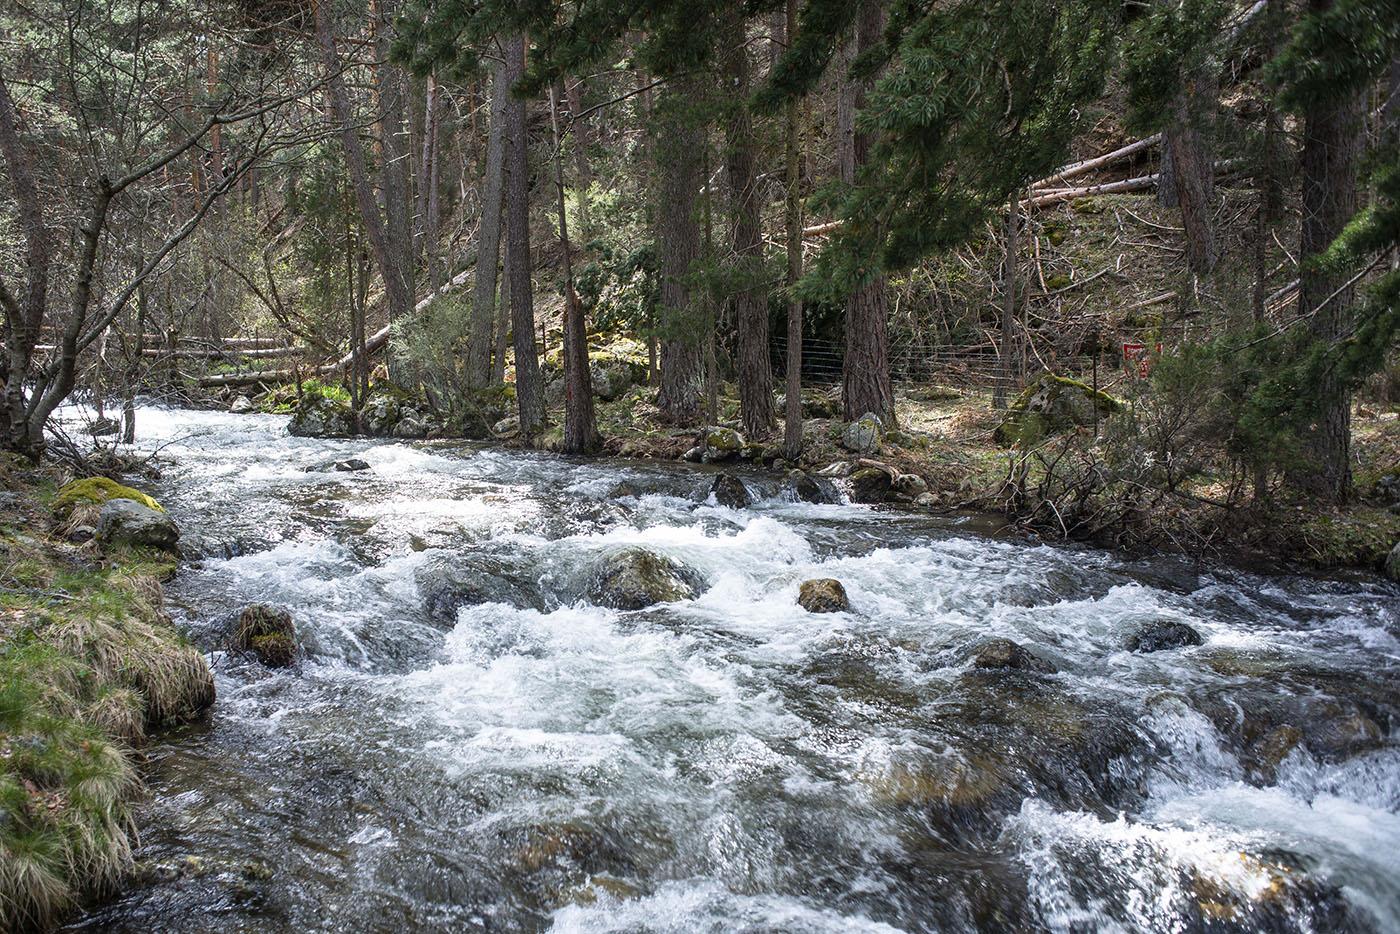 Cascadas de Sierra de Guadarrama: El Chorro de Navafría